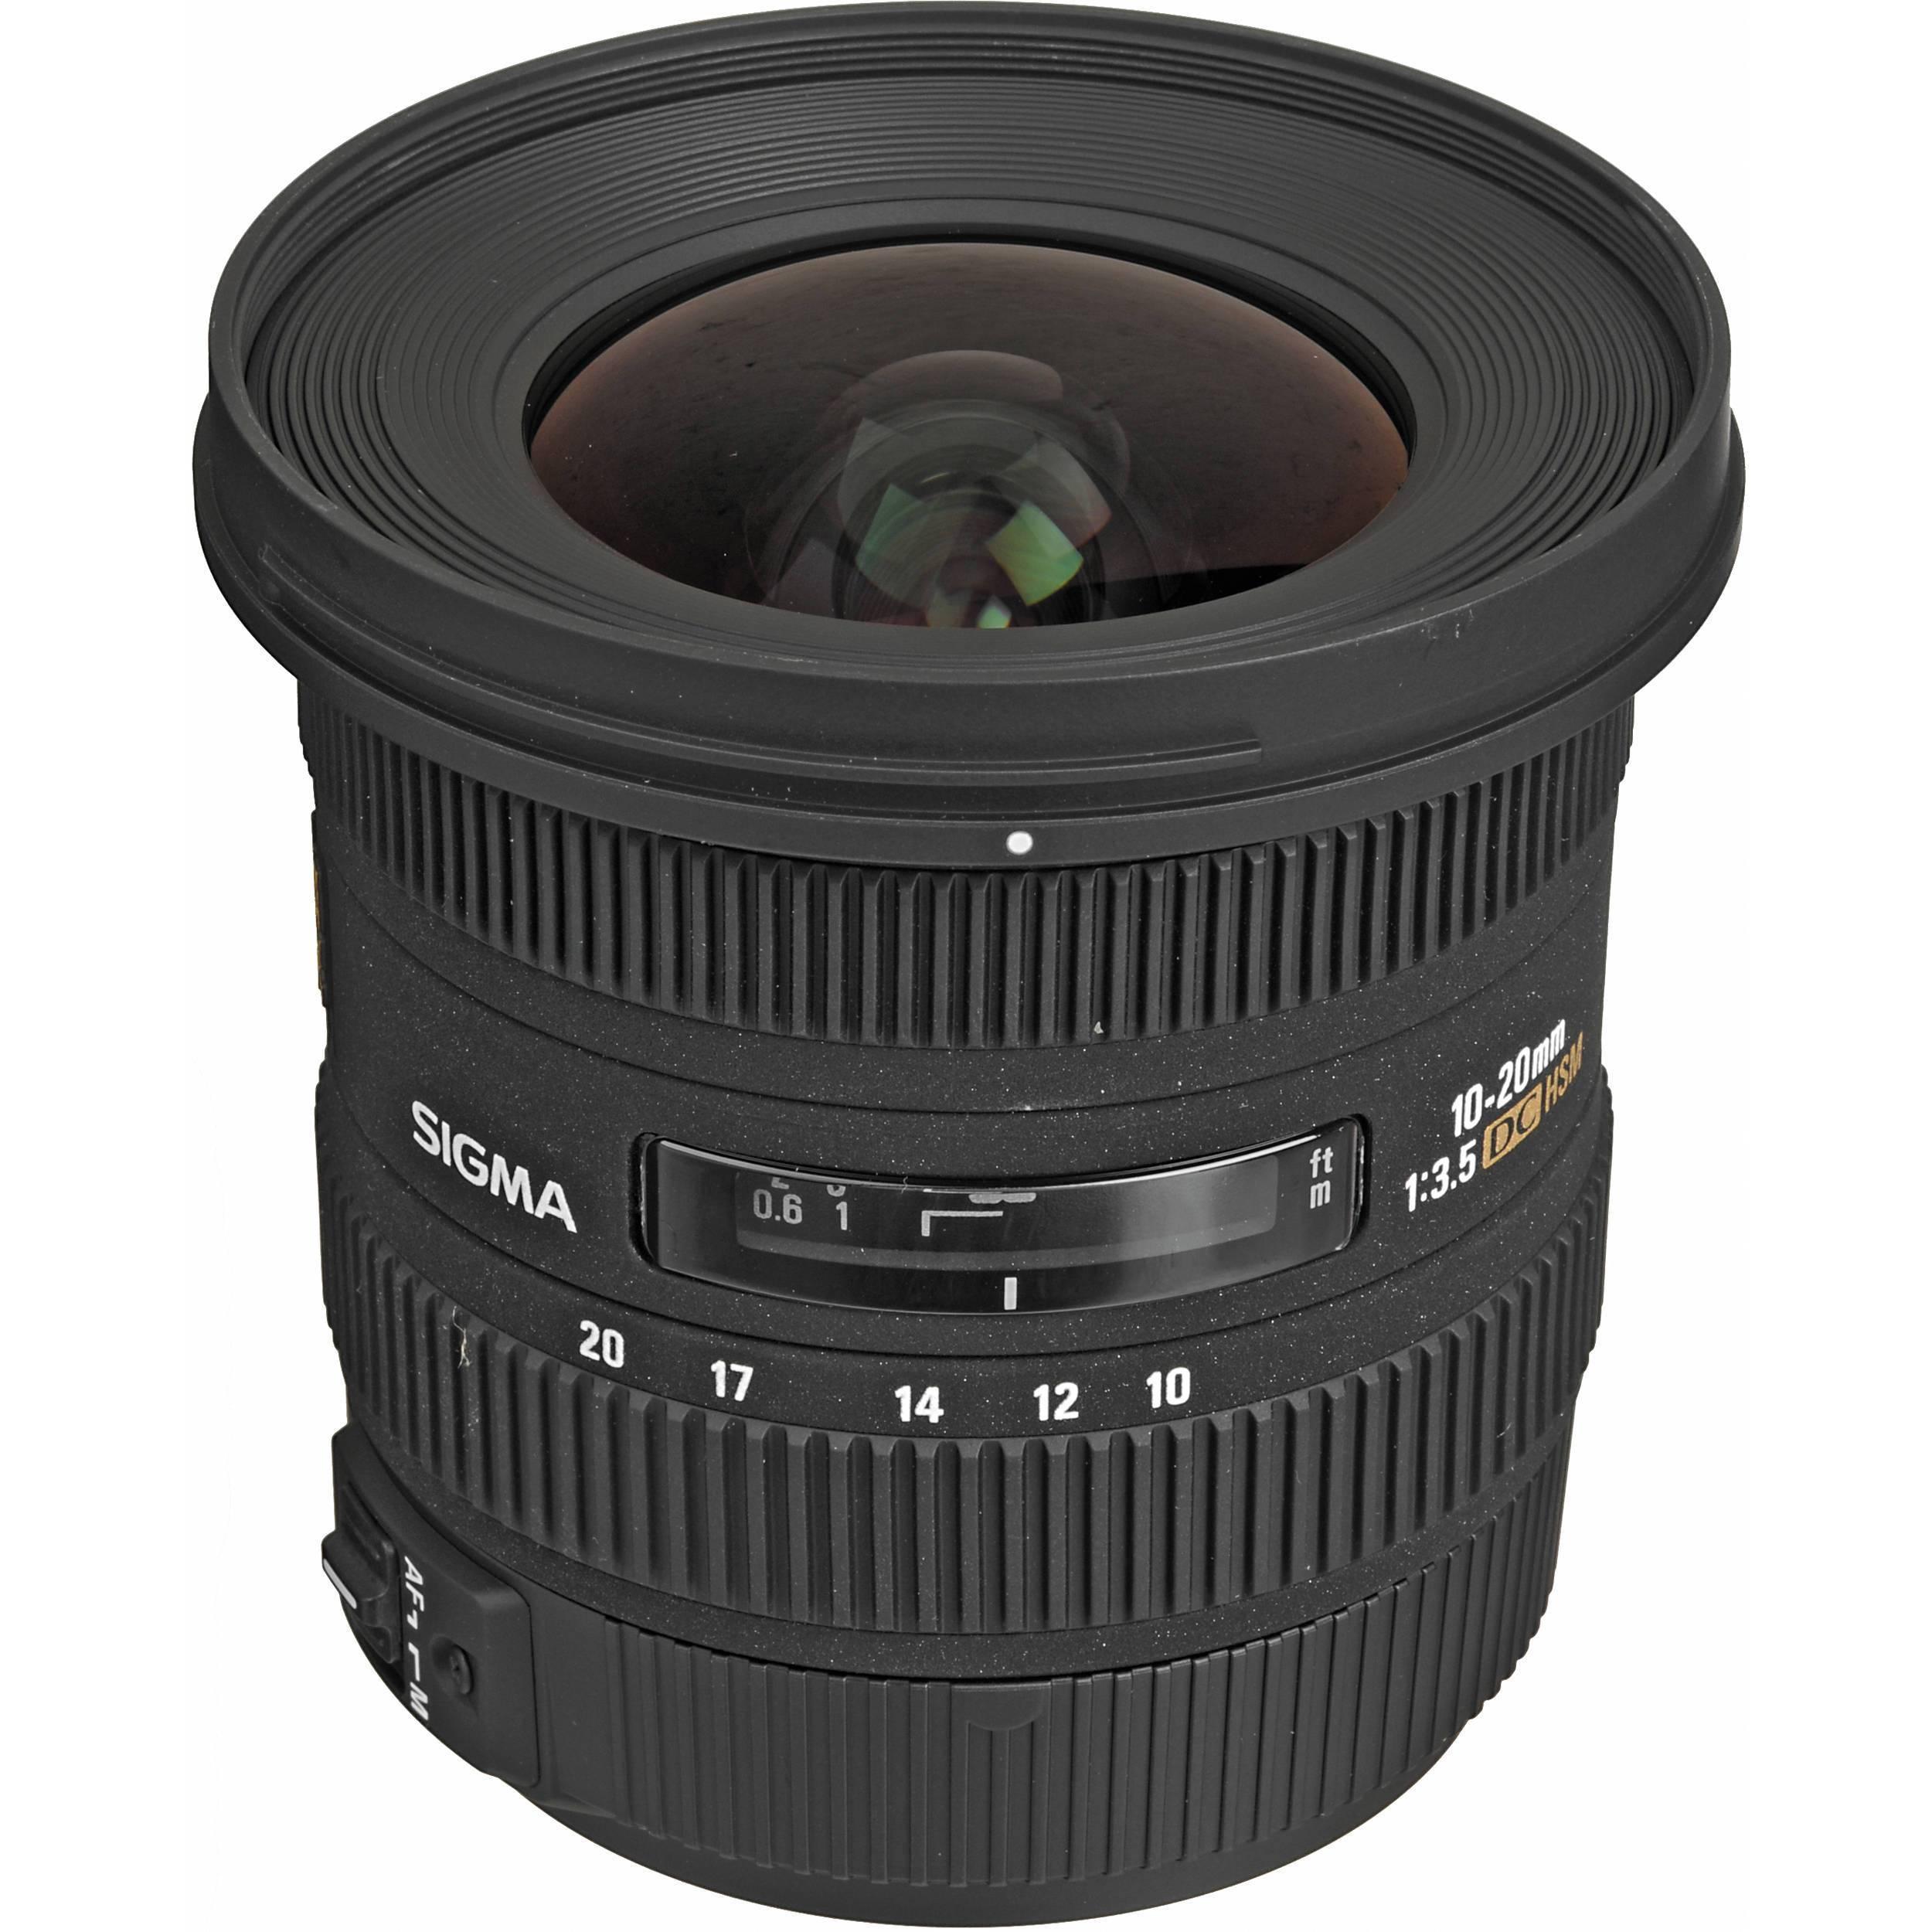 Sigma 10-20/3.5 AF EX DC HSM Lens for Nikon